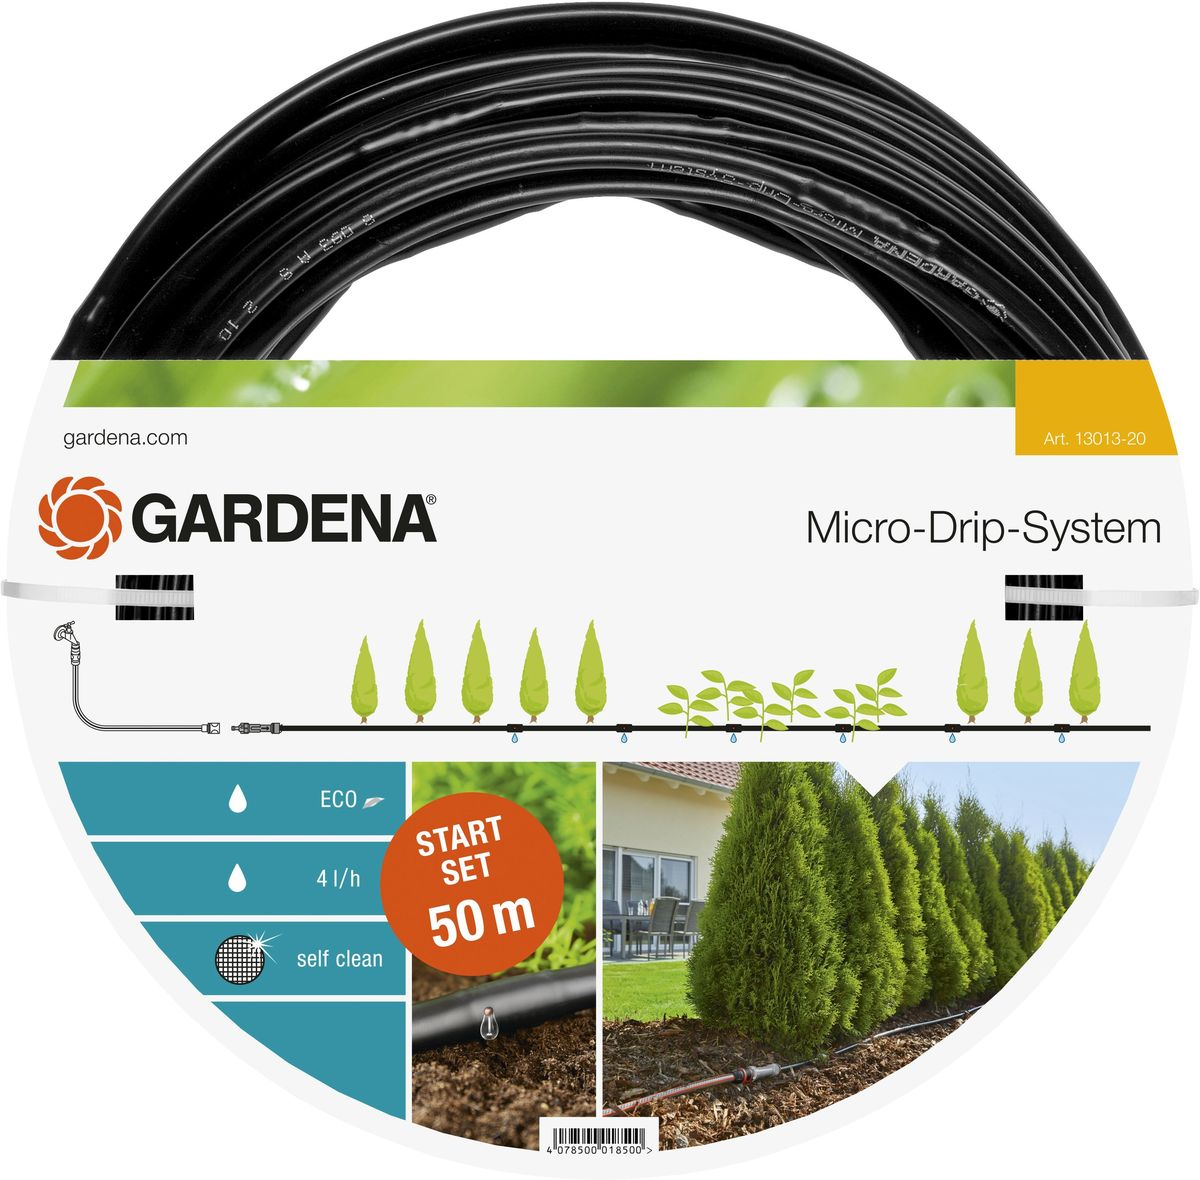 Шланг Gardena, сочащийся, с фитингами, для наземной прокладки, диаметр 13 мм (1/2), длина 50 мNap200 (40)Шланг сочащийся для наземной установки Gardena удобен для полива, например, изгороди. Расстояние между отверстиями составляет 30 см. Каждая капельница обеспечивает бережный полив с расходом воды 4 л/ч. Благодаря использованию инновационной лабиринтной технологии, капельницы являются самоочищающимися. При условии установки мастер-блока по центру длина шланга с помощью комплекта для удлинения может быть увеличена до 100 м. В комплекте: мастер-блок 1000, 50 м магистральный шланг 13 мм (1/2), заглушка 13 мм (1/2).